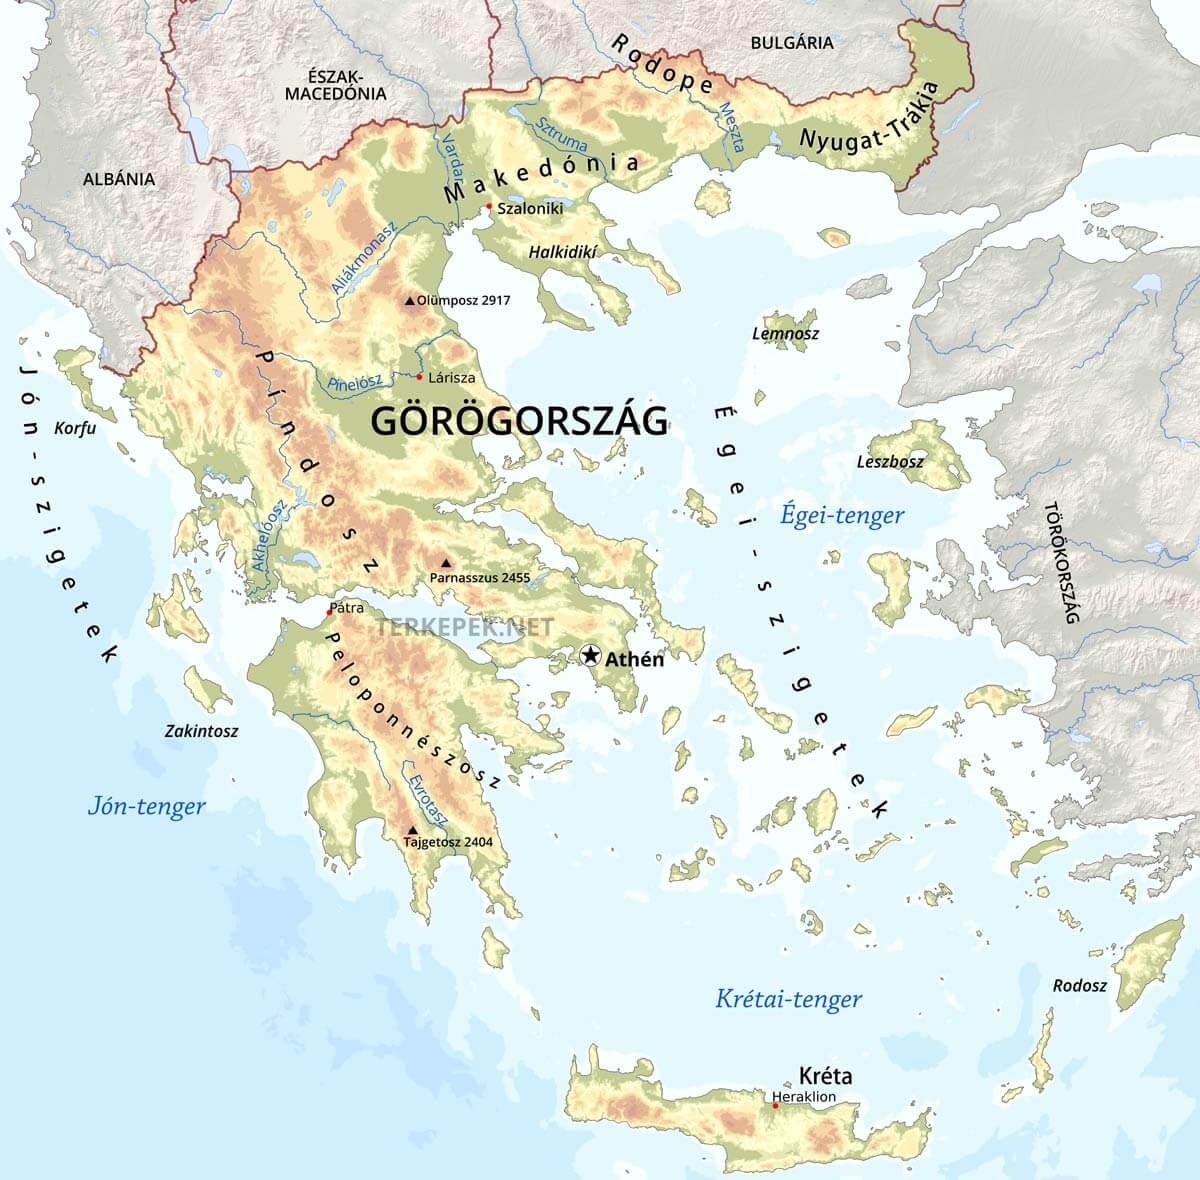 görögország domborzati térkép Görögország térképek görögország domborzati térkép